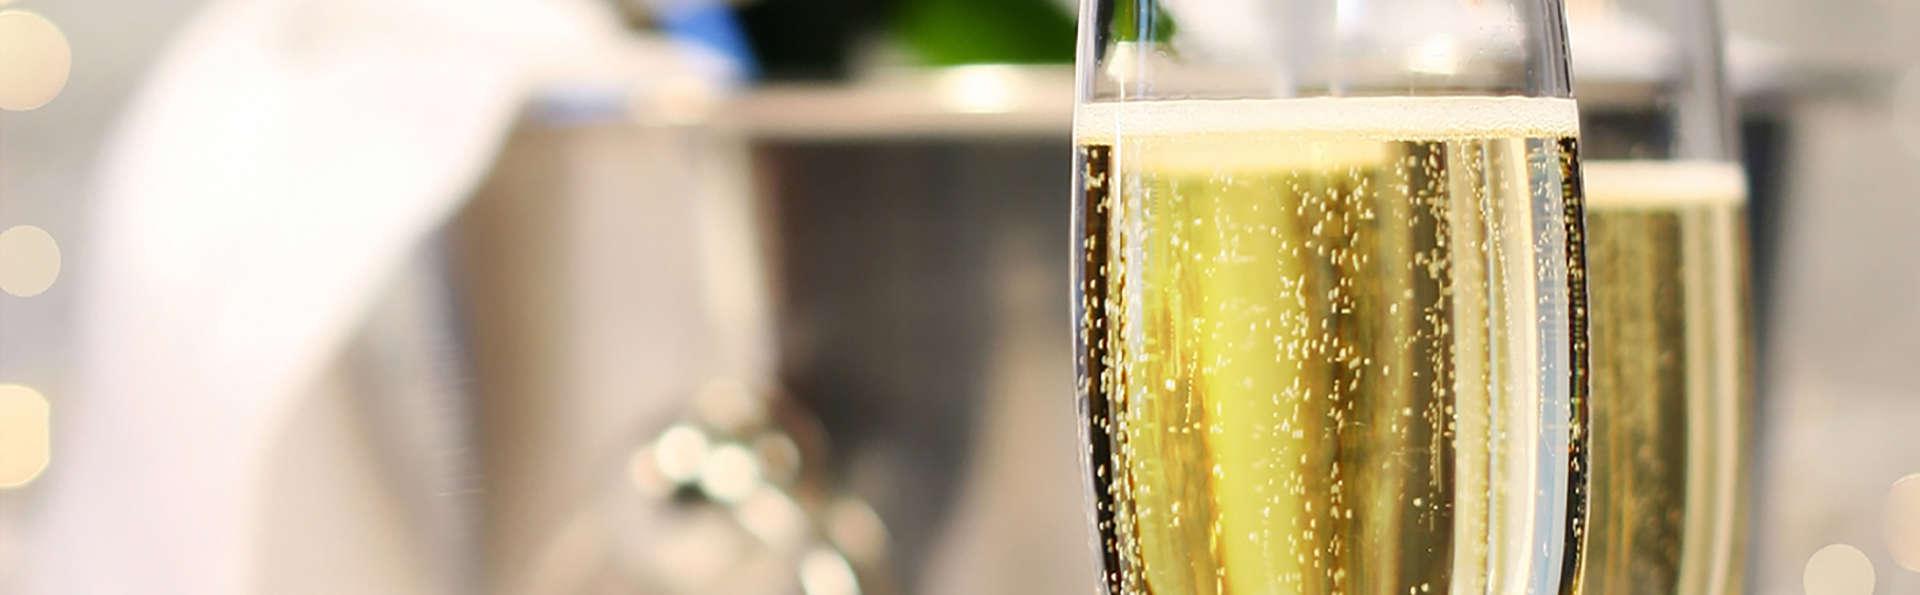 Escapade romantique avec demi-bouteille de champagne à Nîmes